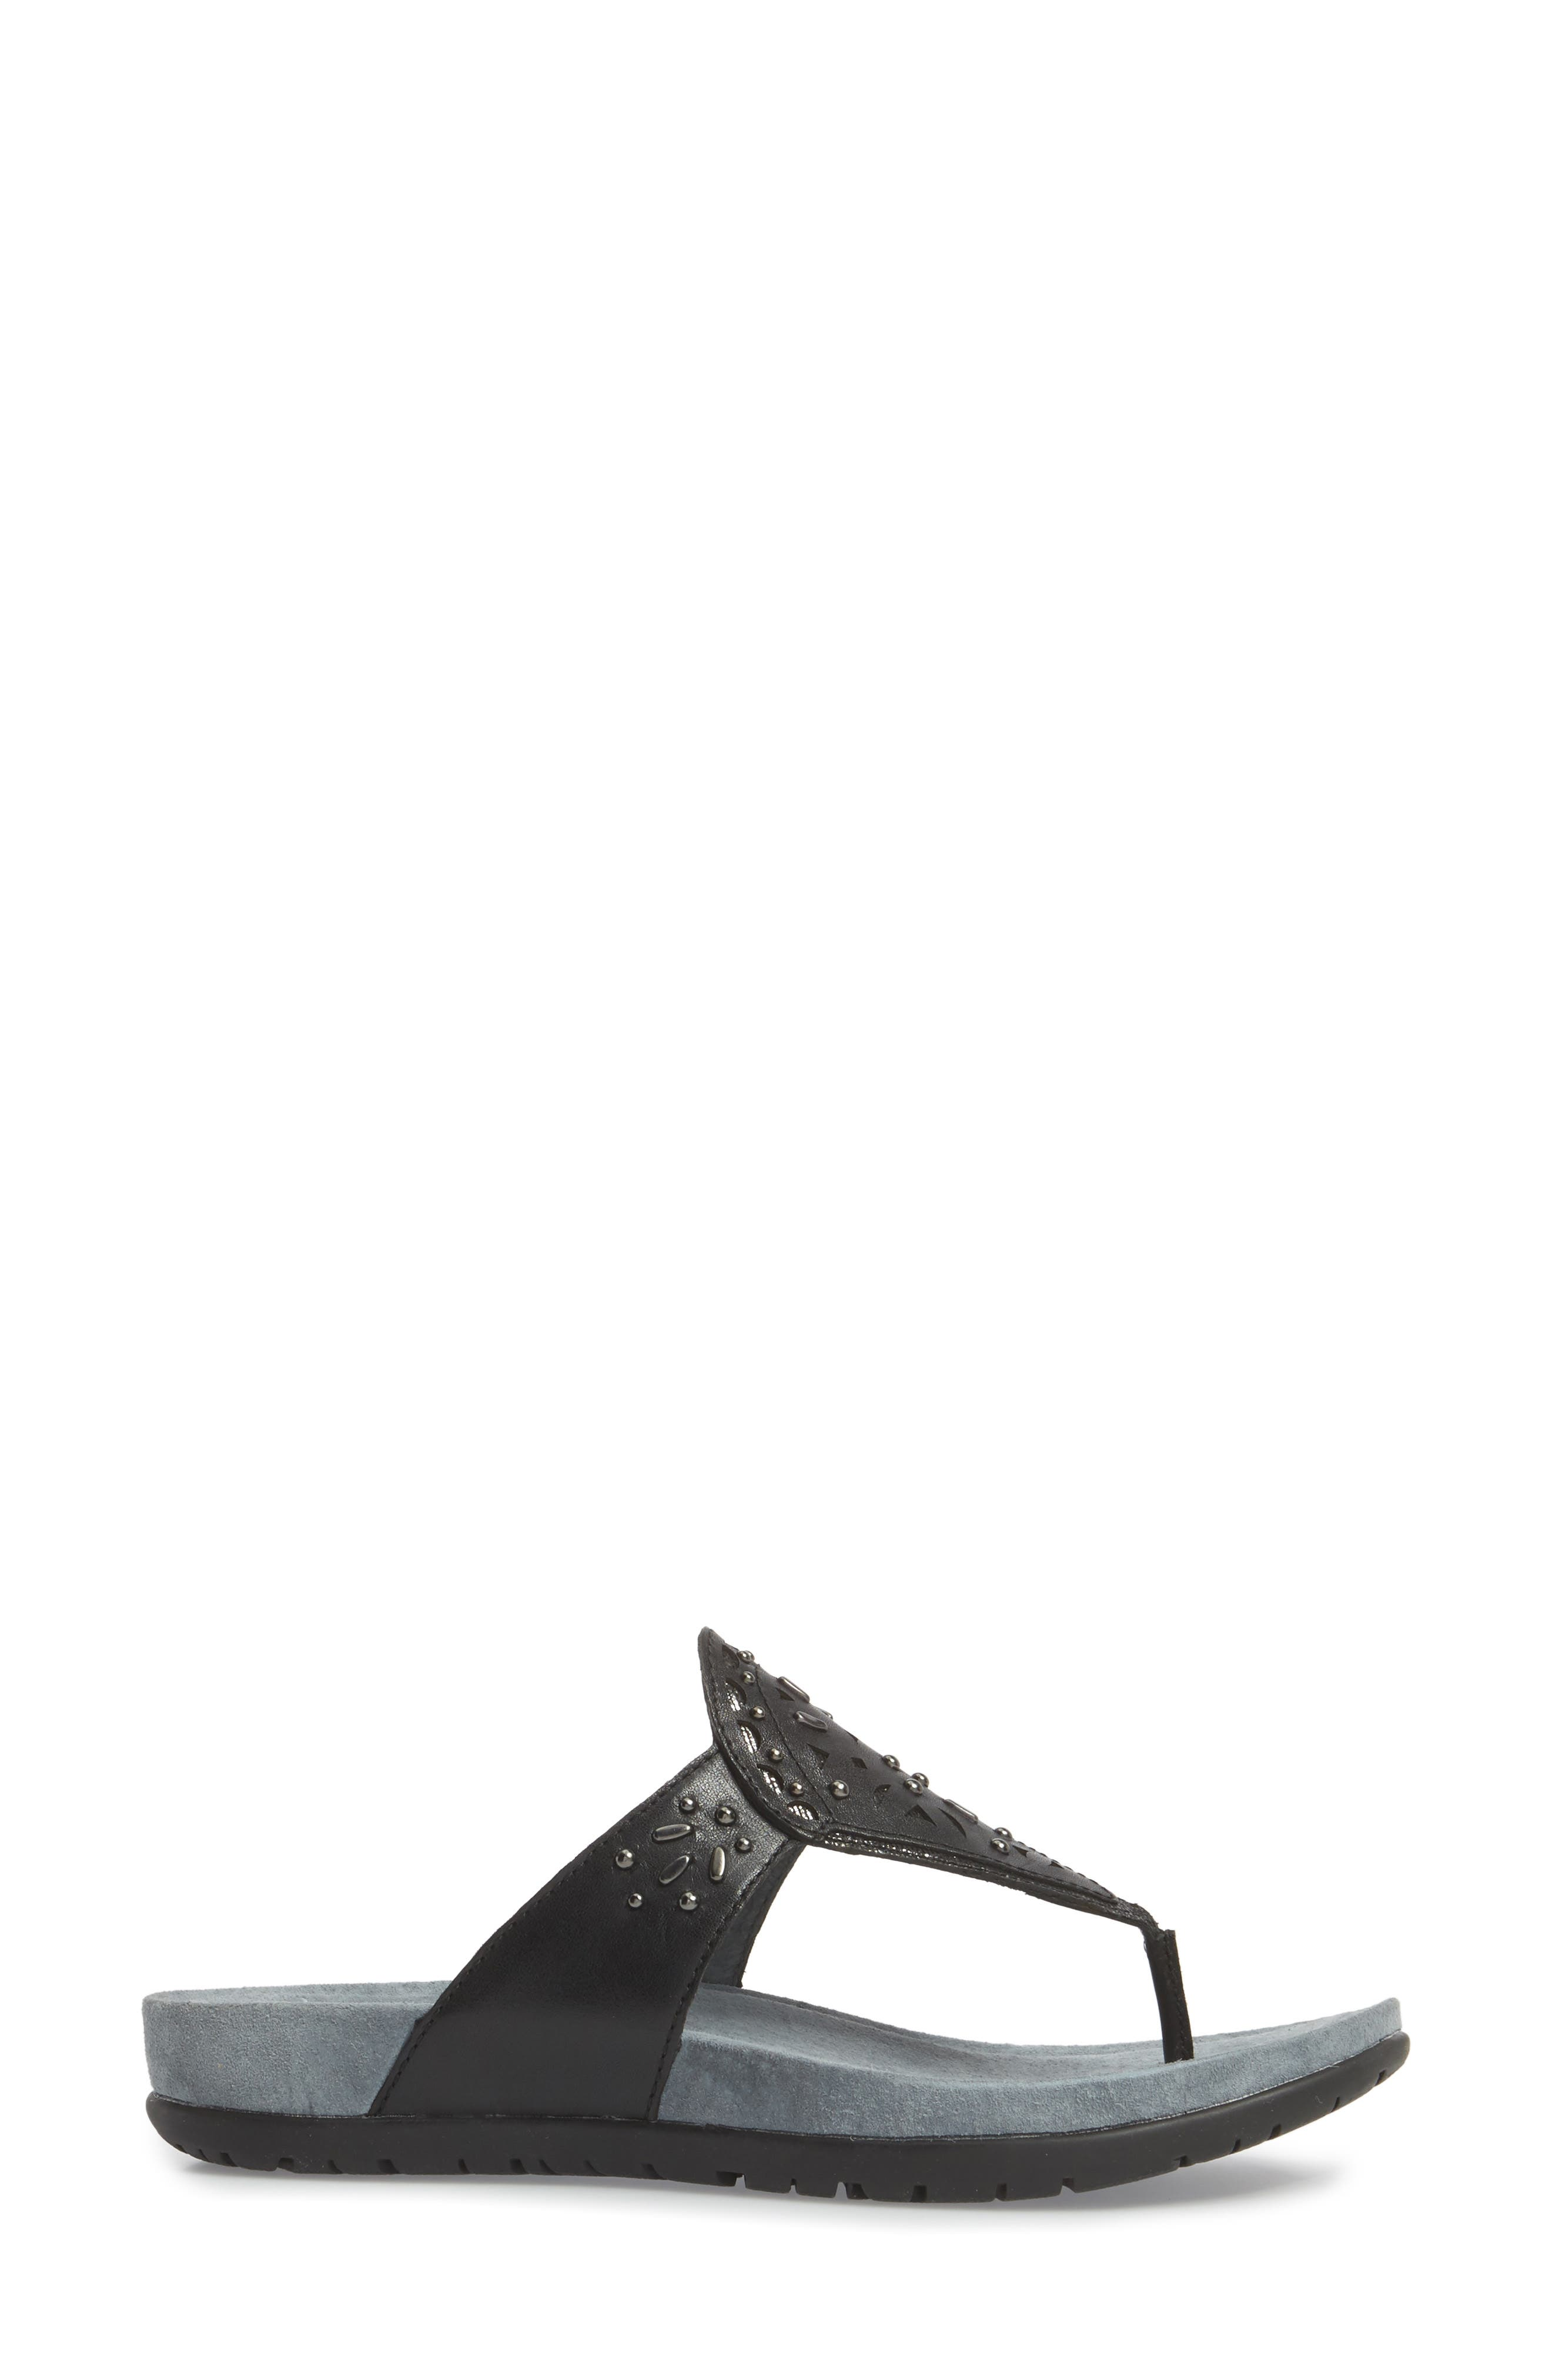 Benita Embellished Flip Flop,                             Alternate thumbnail 5, color,